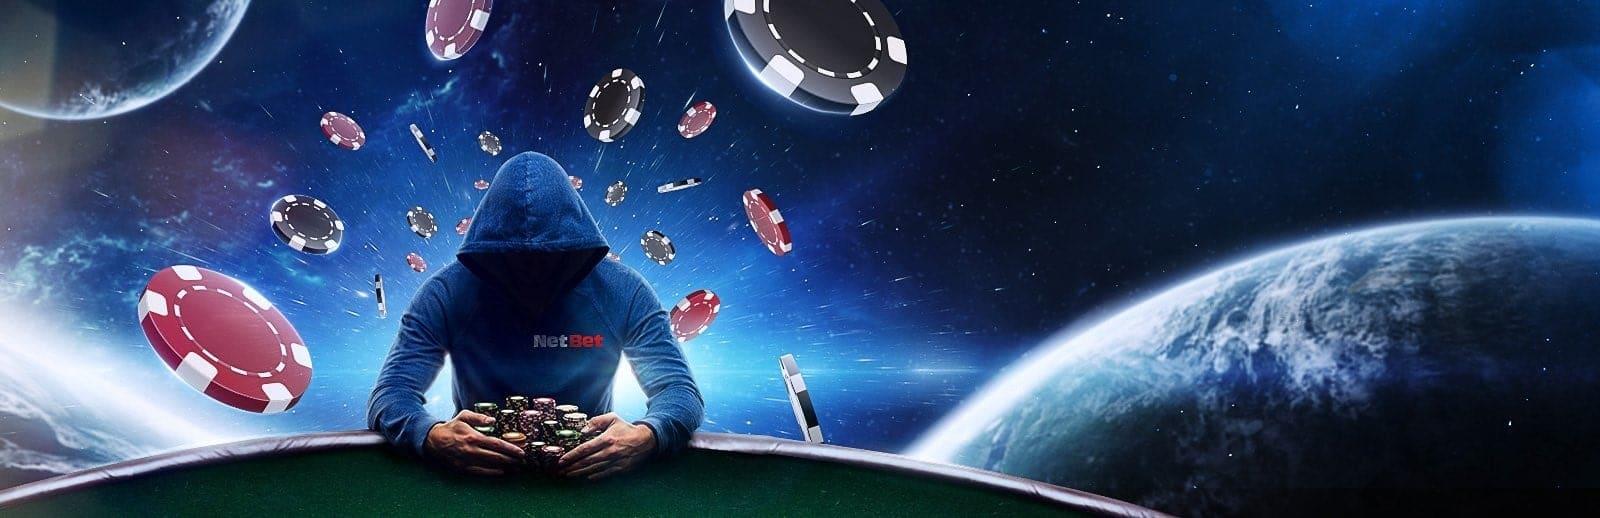 netbet poker texas holdem